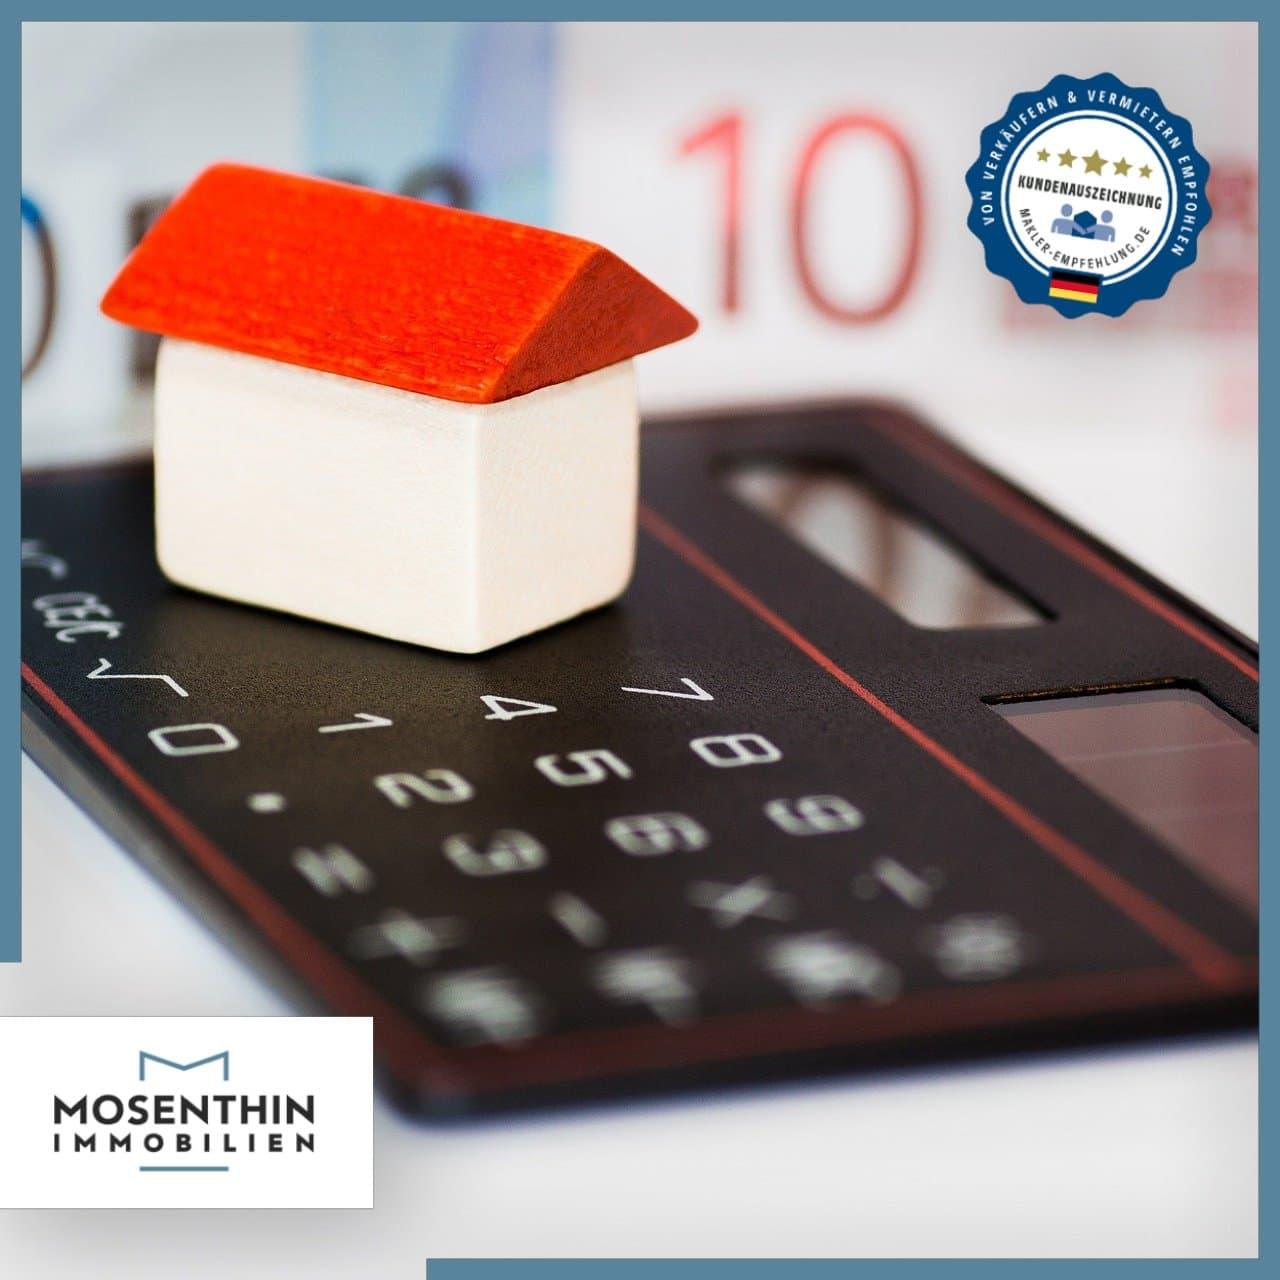 Immobilienpreise steigen weiter, Mietpreisdynamik schwächt sich ab